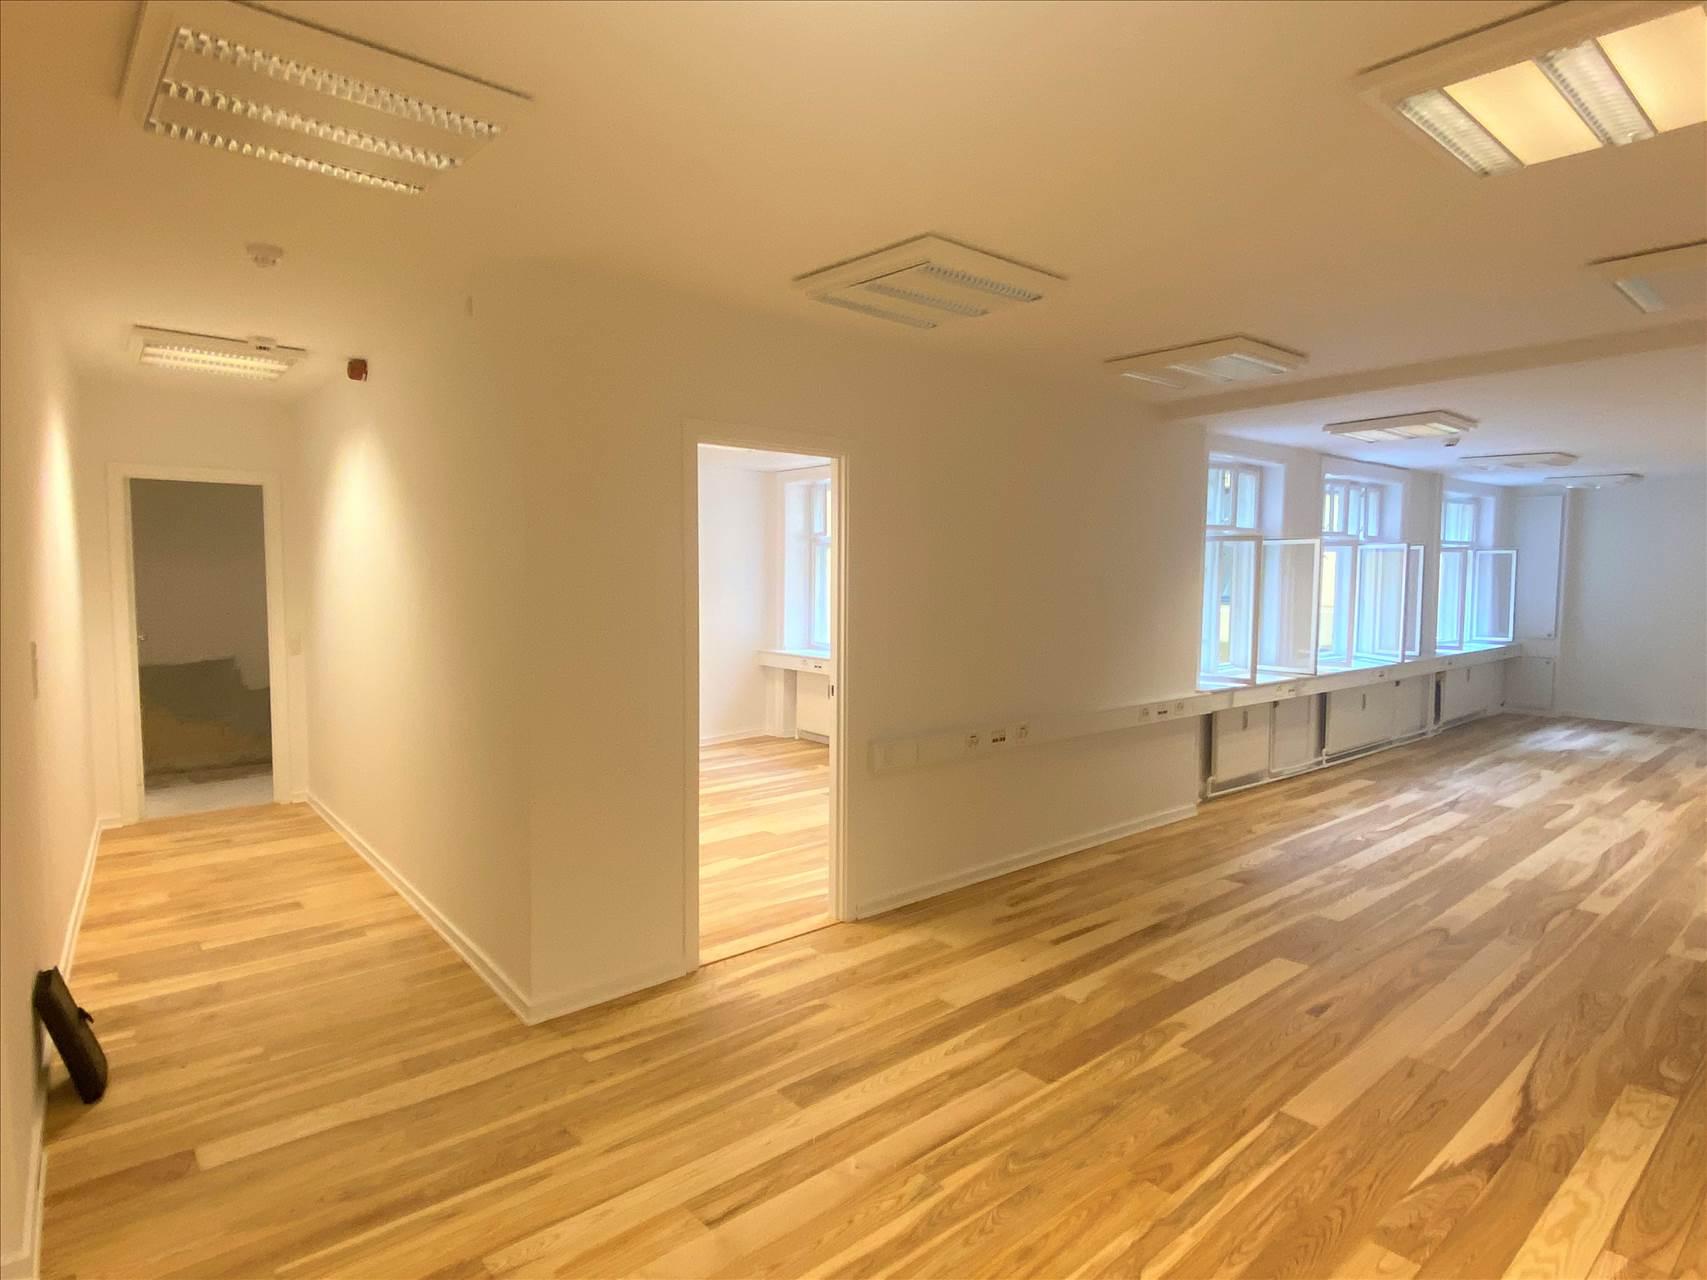 99 m² kontor • Nyistandsat